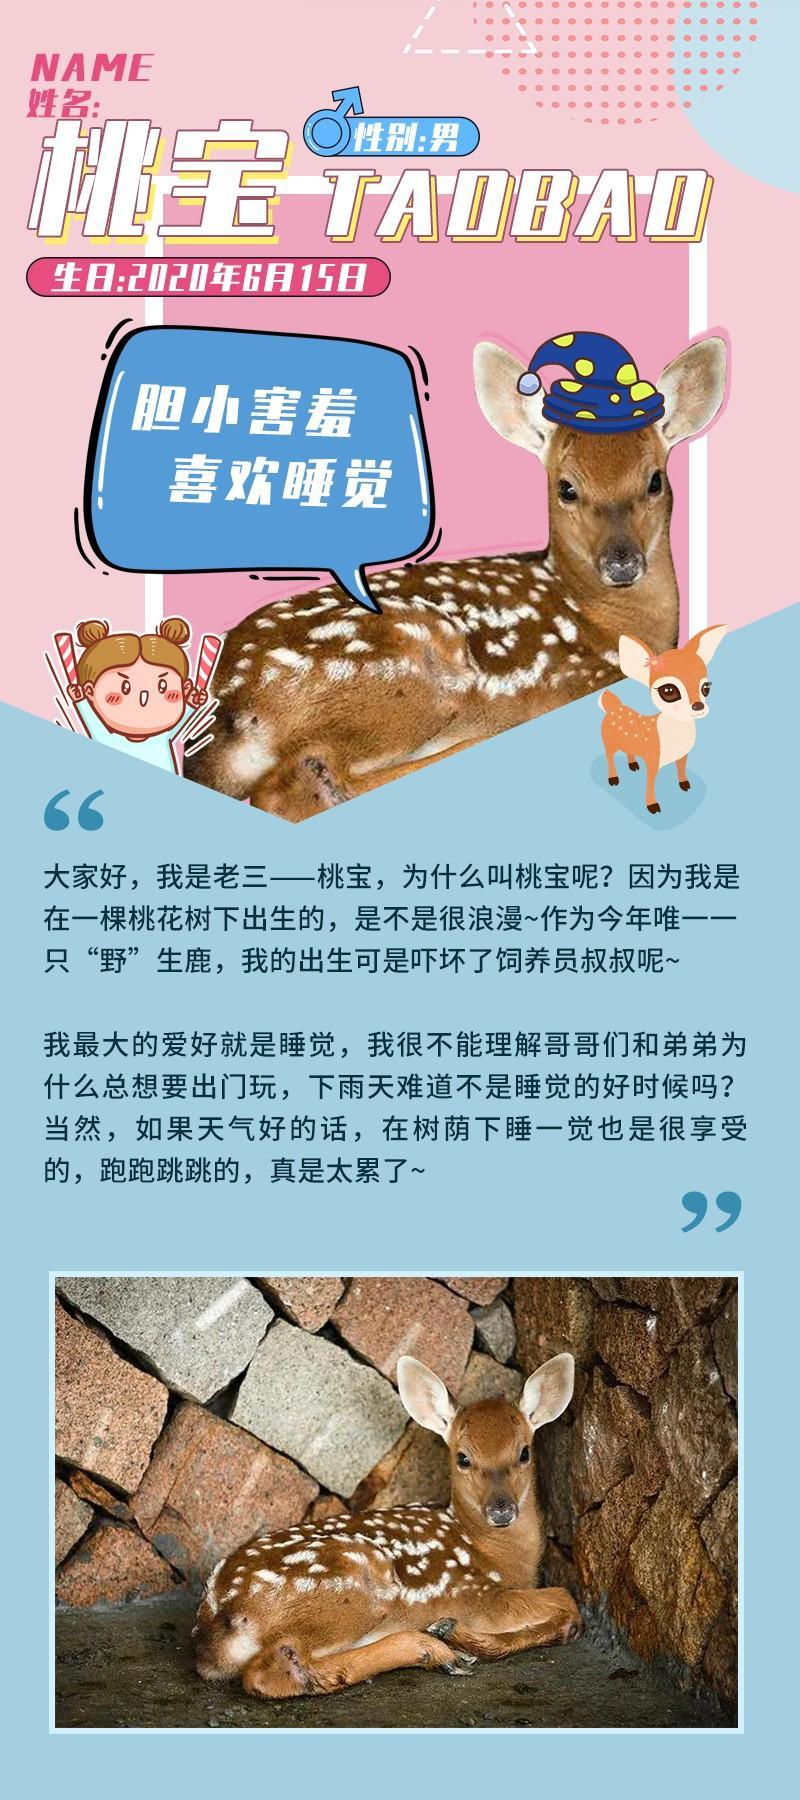 杭州良渚古城遗址公园鹿苑今起封闭!9月20日重开!